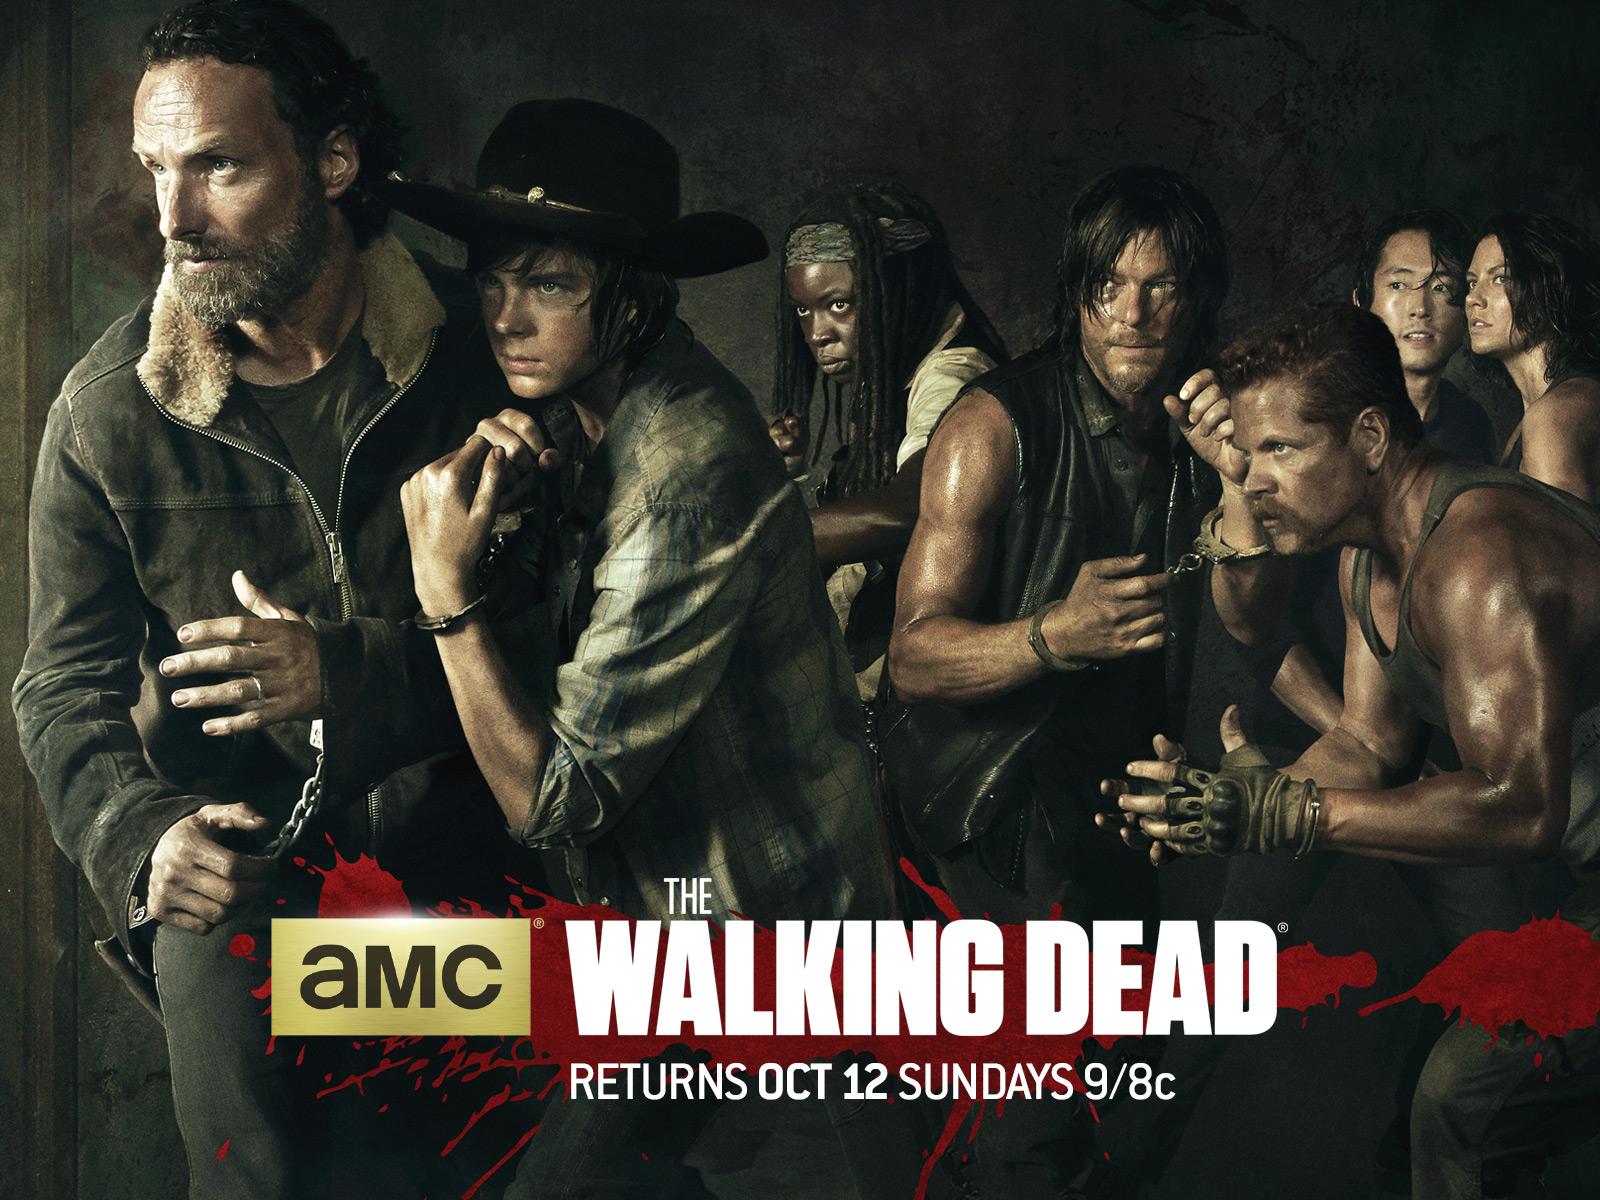 The Walking Dead Group Walking Dead Season 5 32728 Hd